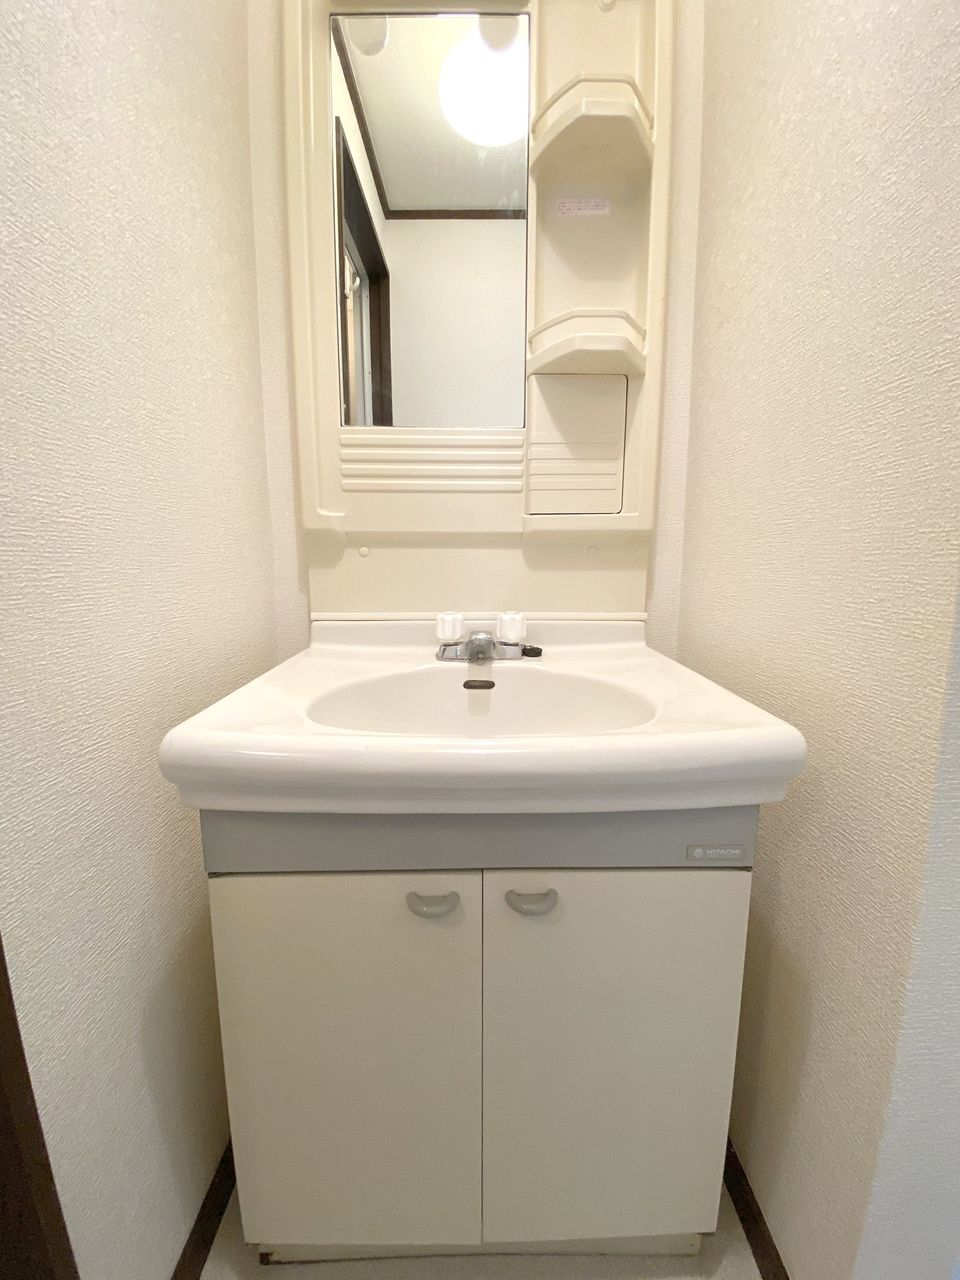 ベルパークは独立洗面台があります。女性の方に好評です